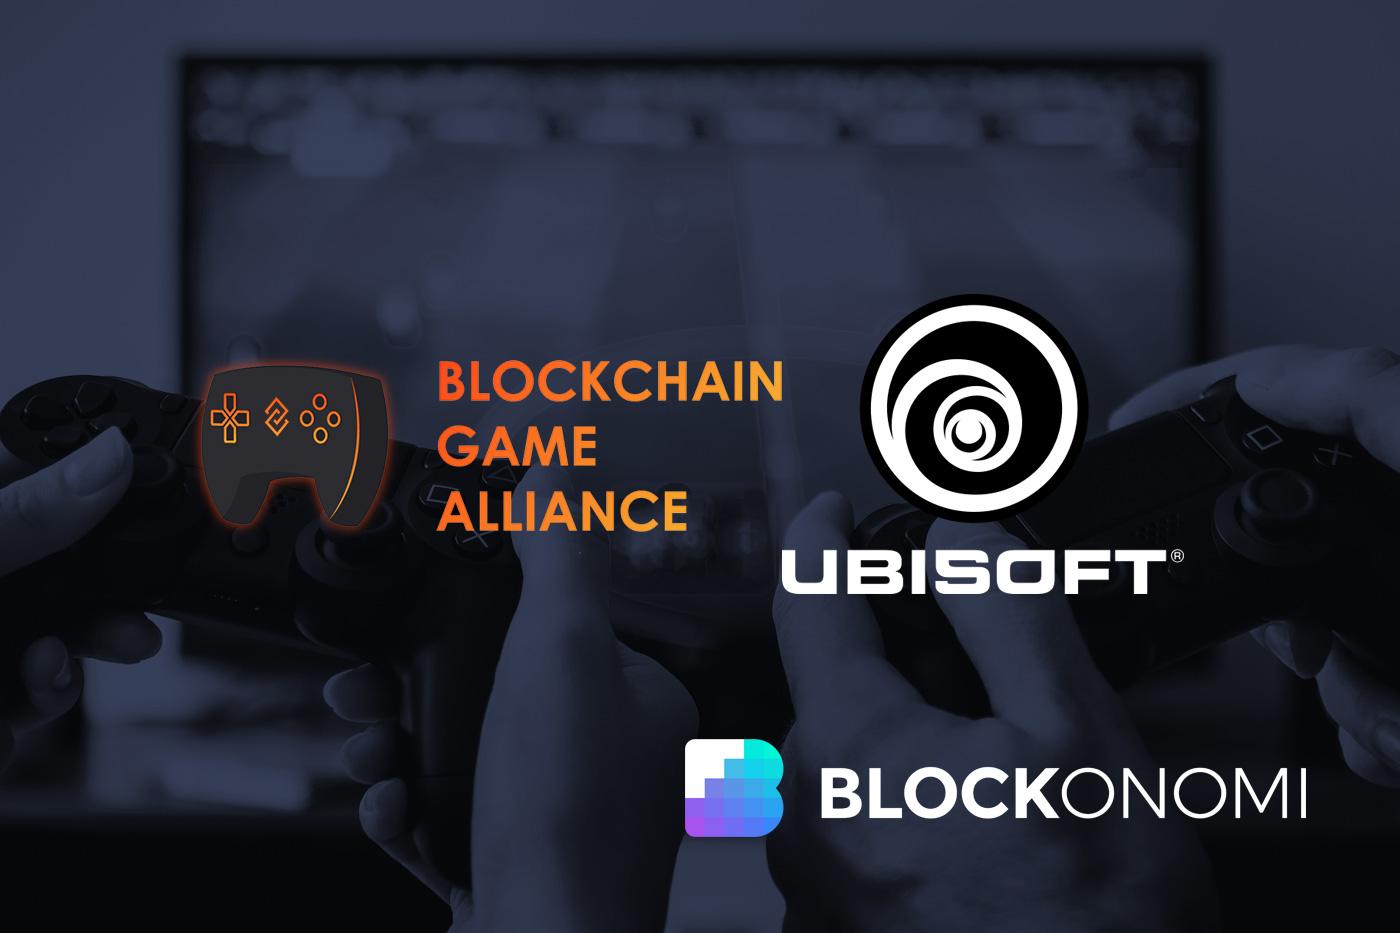 Ubisoft Blockchain Game Alliance